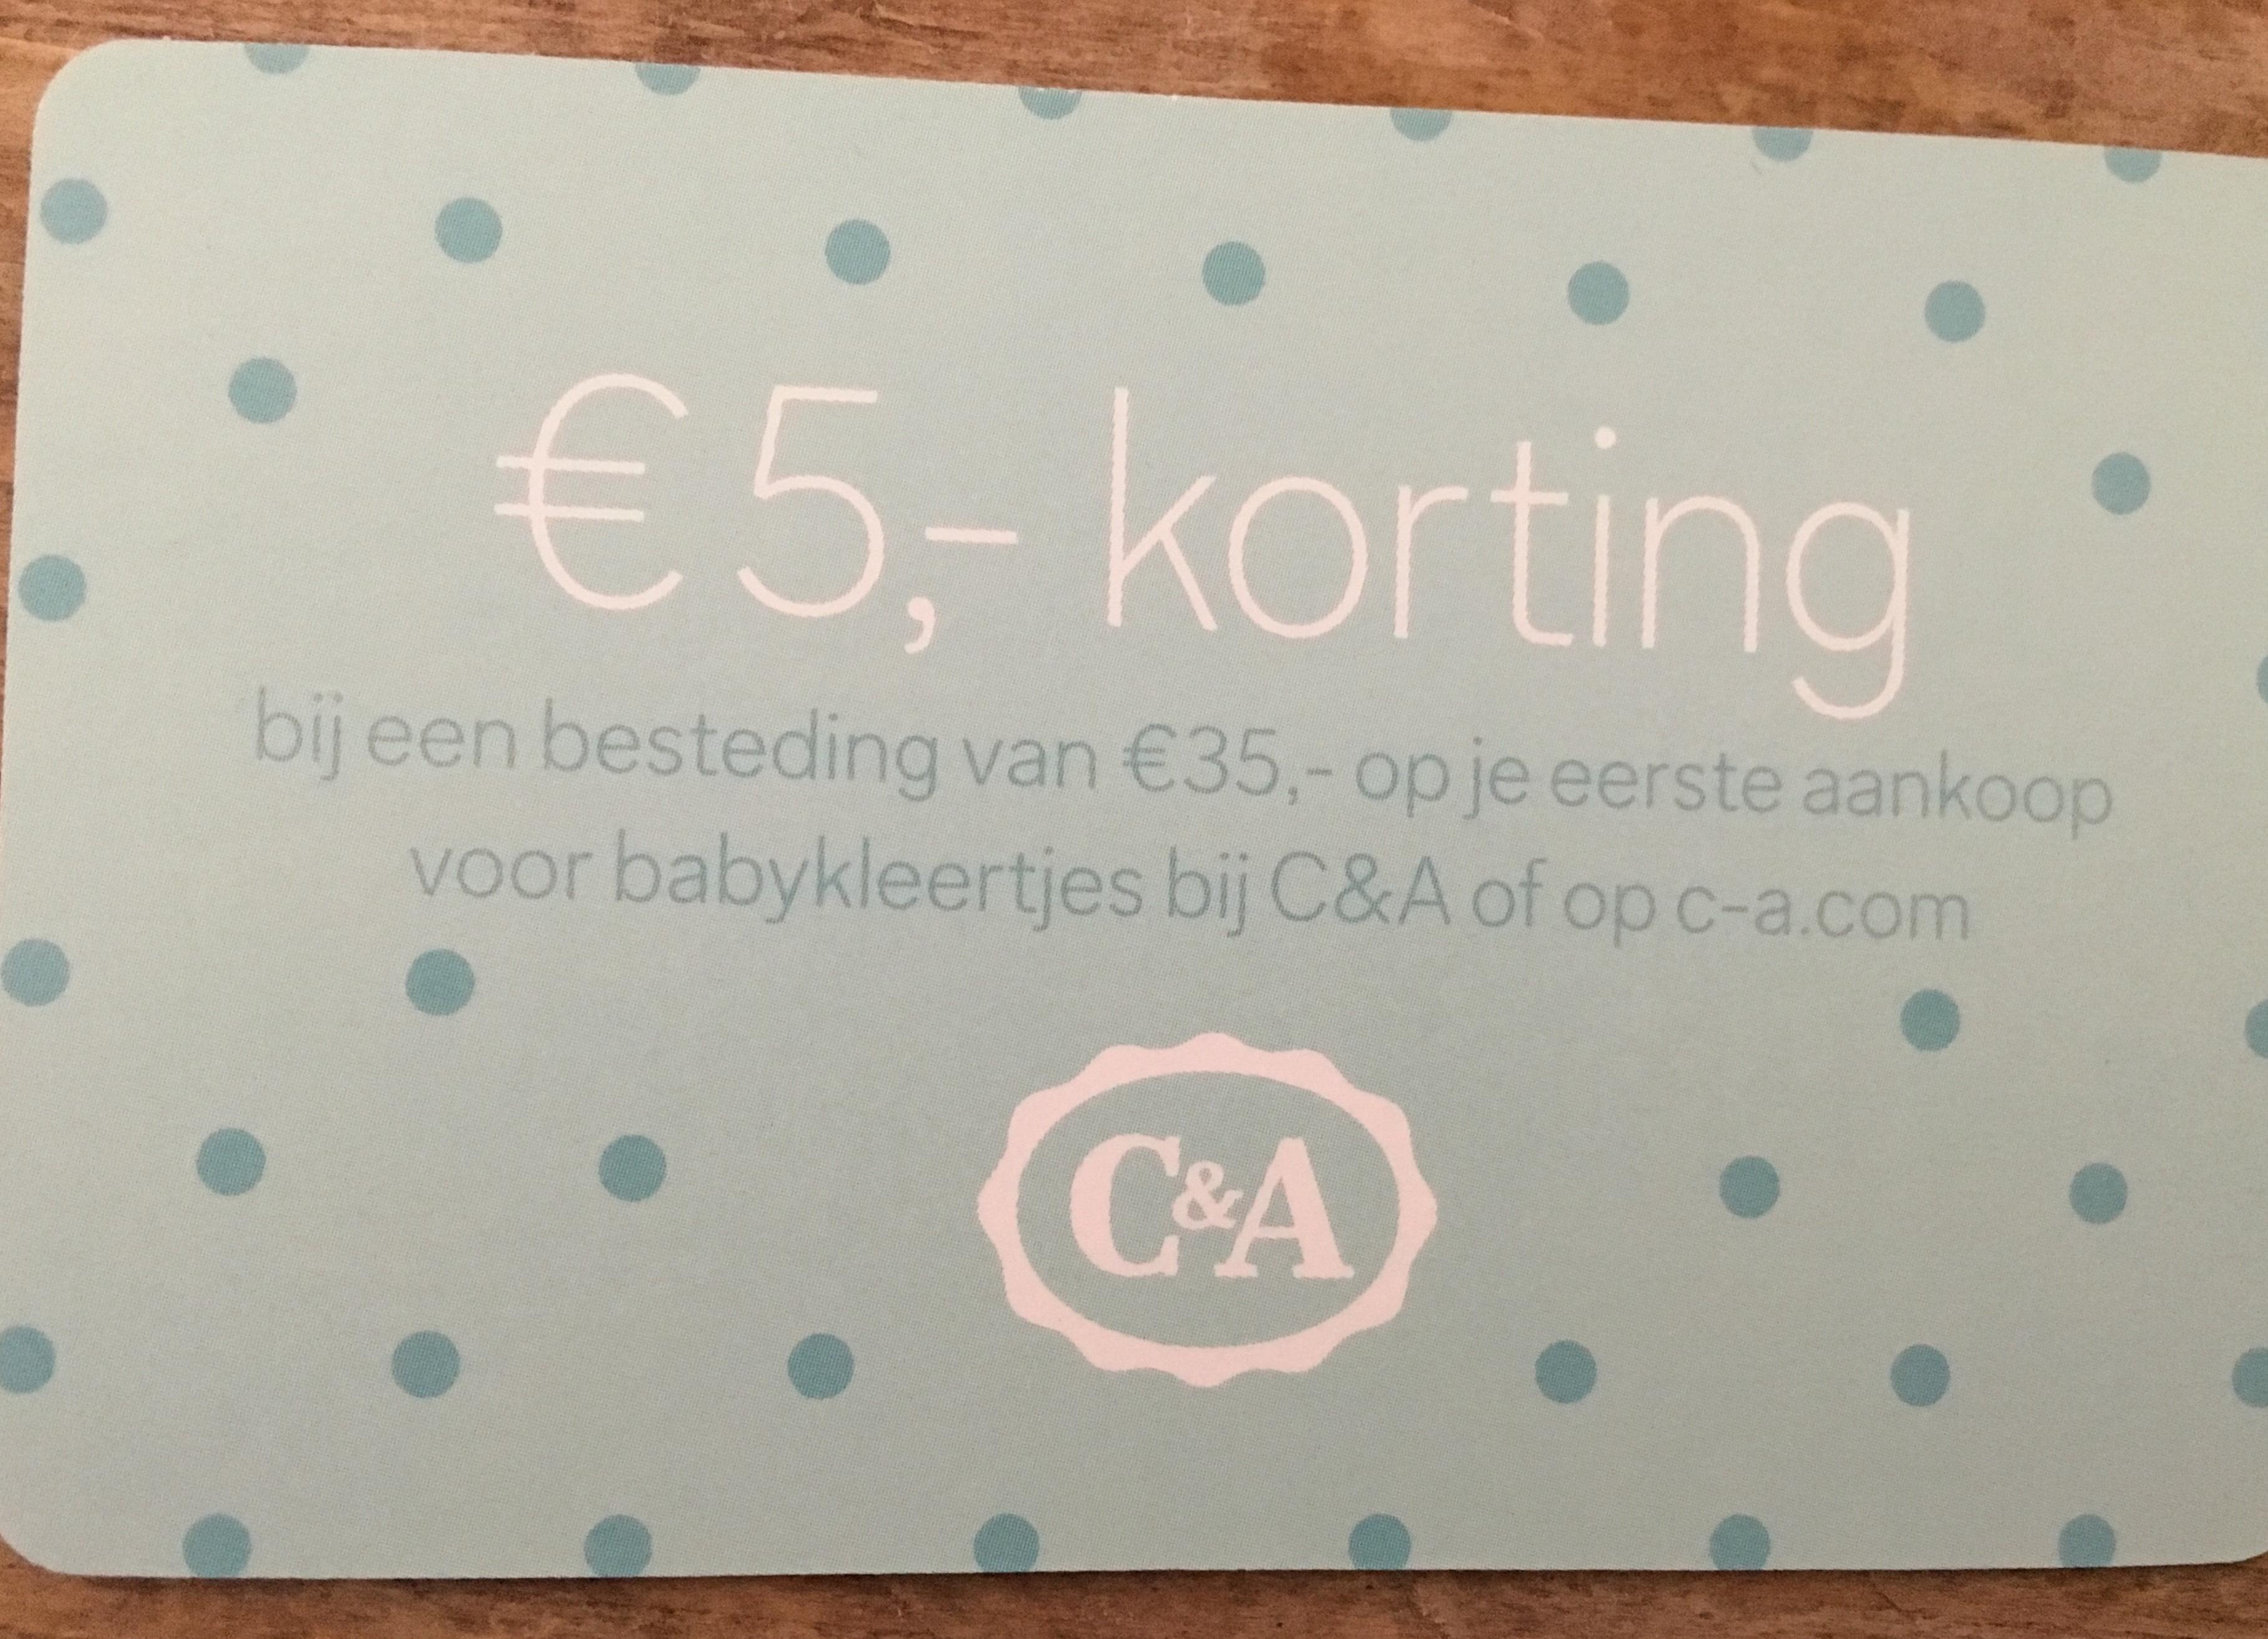 €5 korting bij besteding van €35 aan babykleding bij C&A